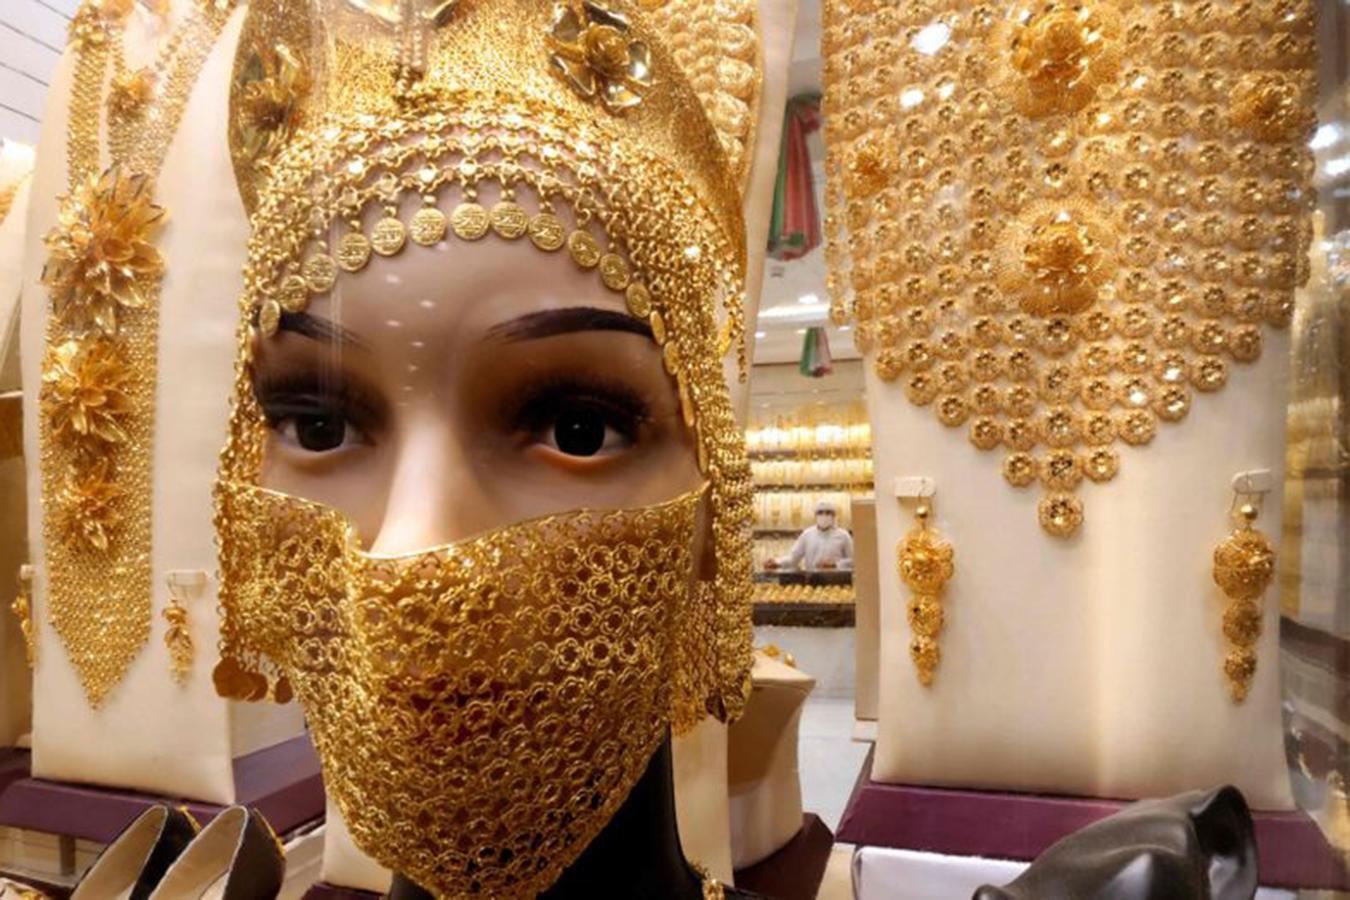 Lóa mắt trước khu chợ toàn bằng vàng ở UAE - Ảnh 3.